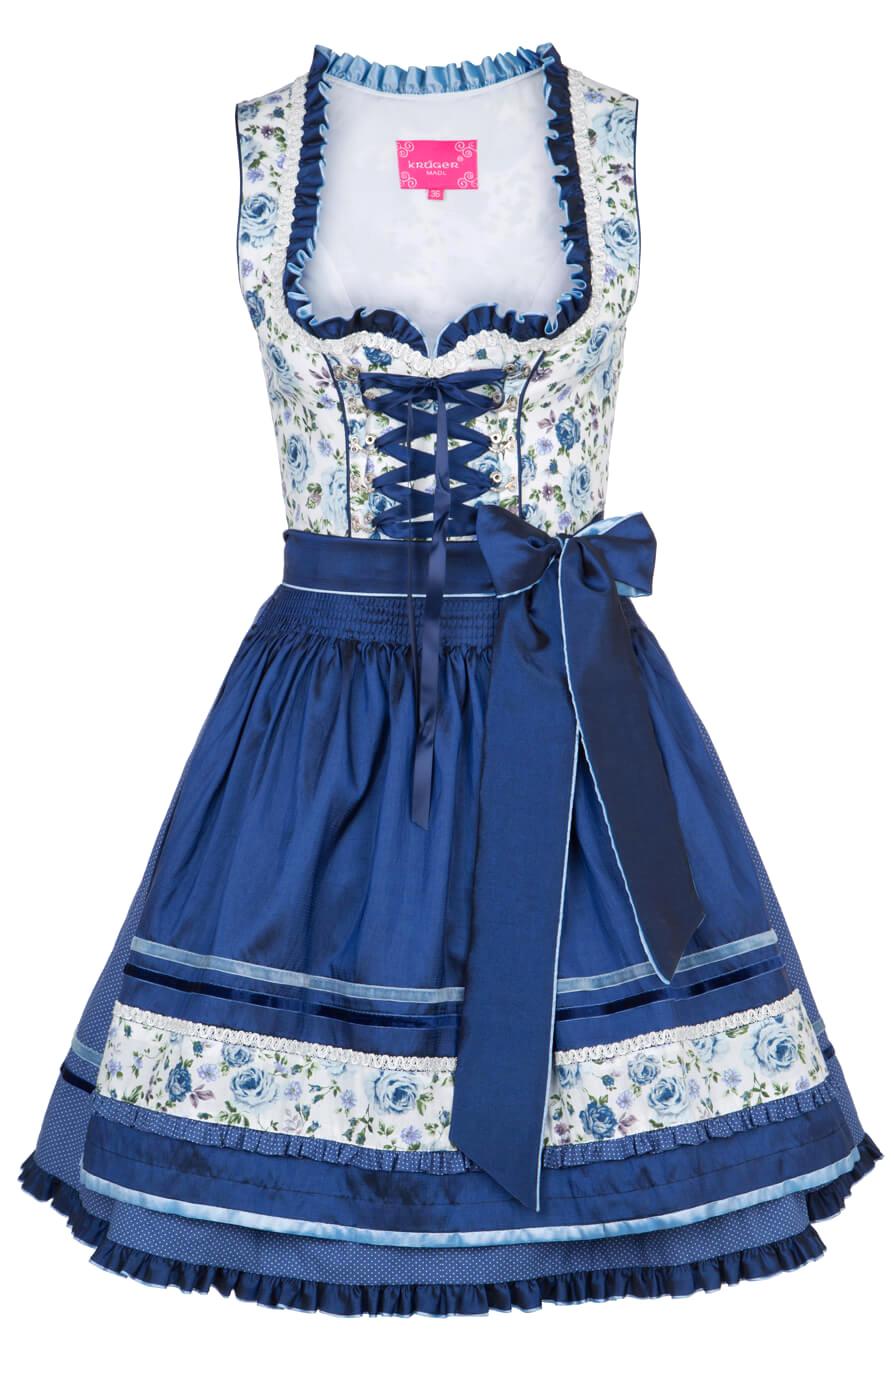 weitere Bilder von Mini-Dirndl 50cm Jessie blauw